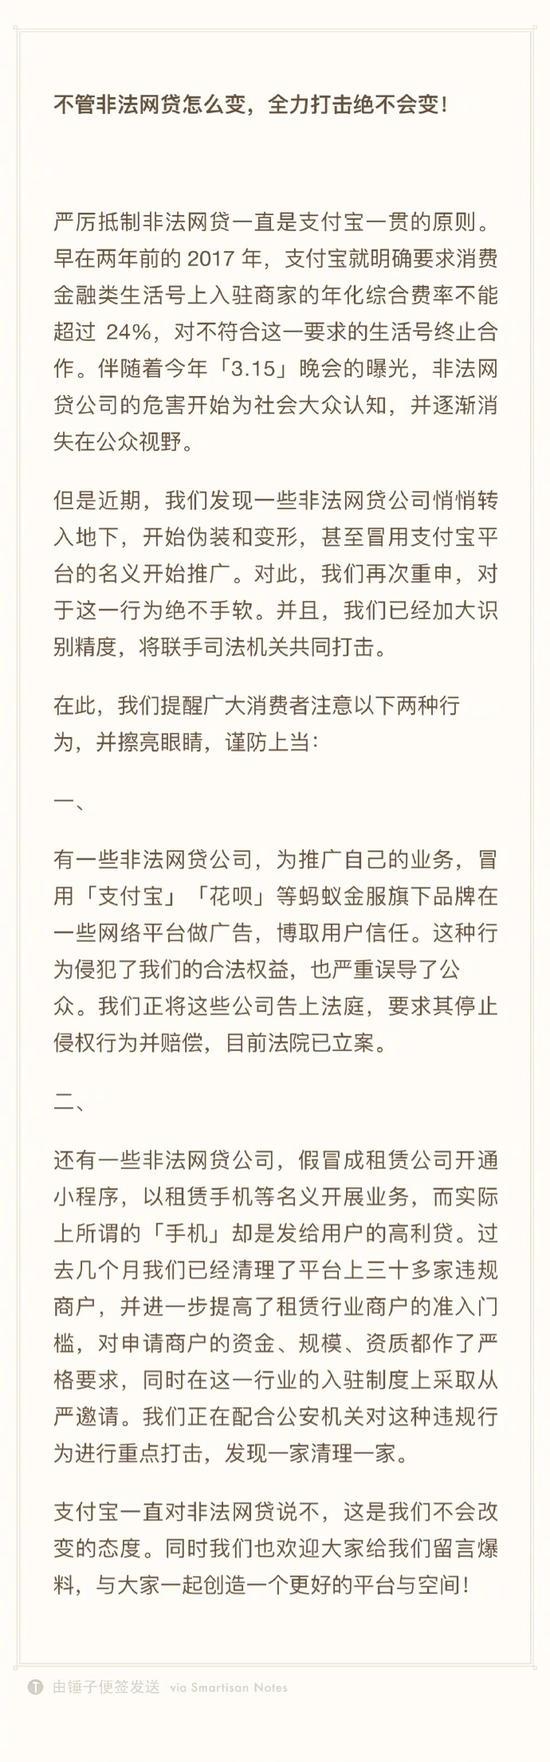 春秋娱乐平台骗人|珍宝岛方同华:中医药创新永不止步 最